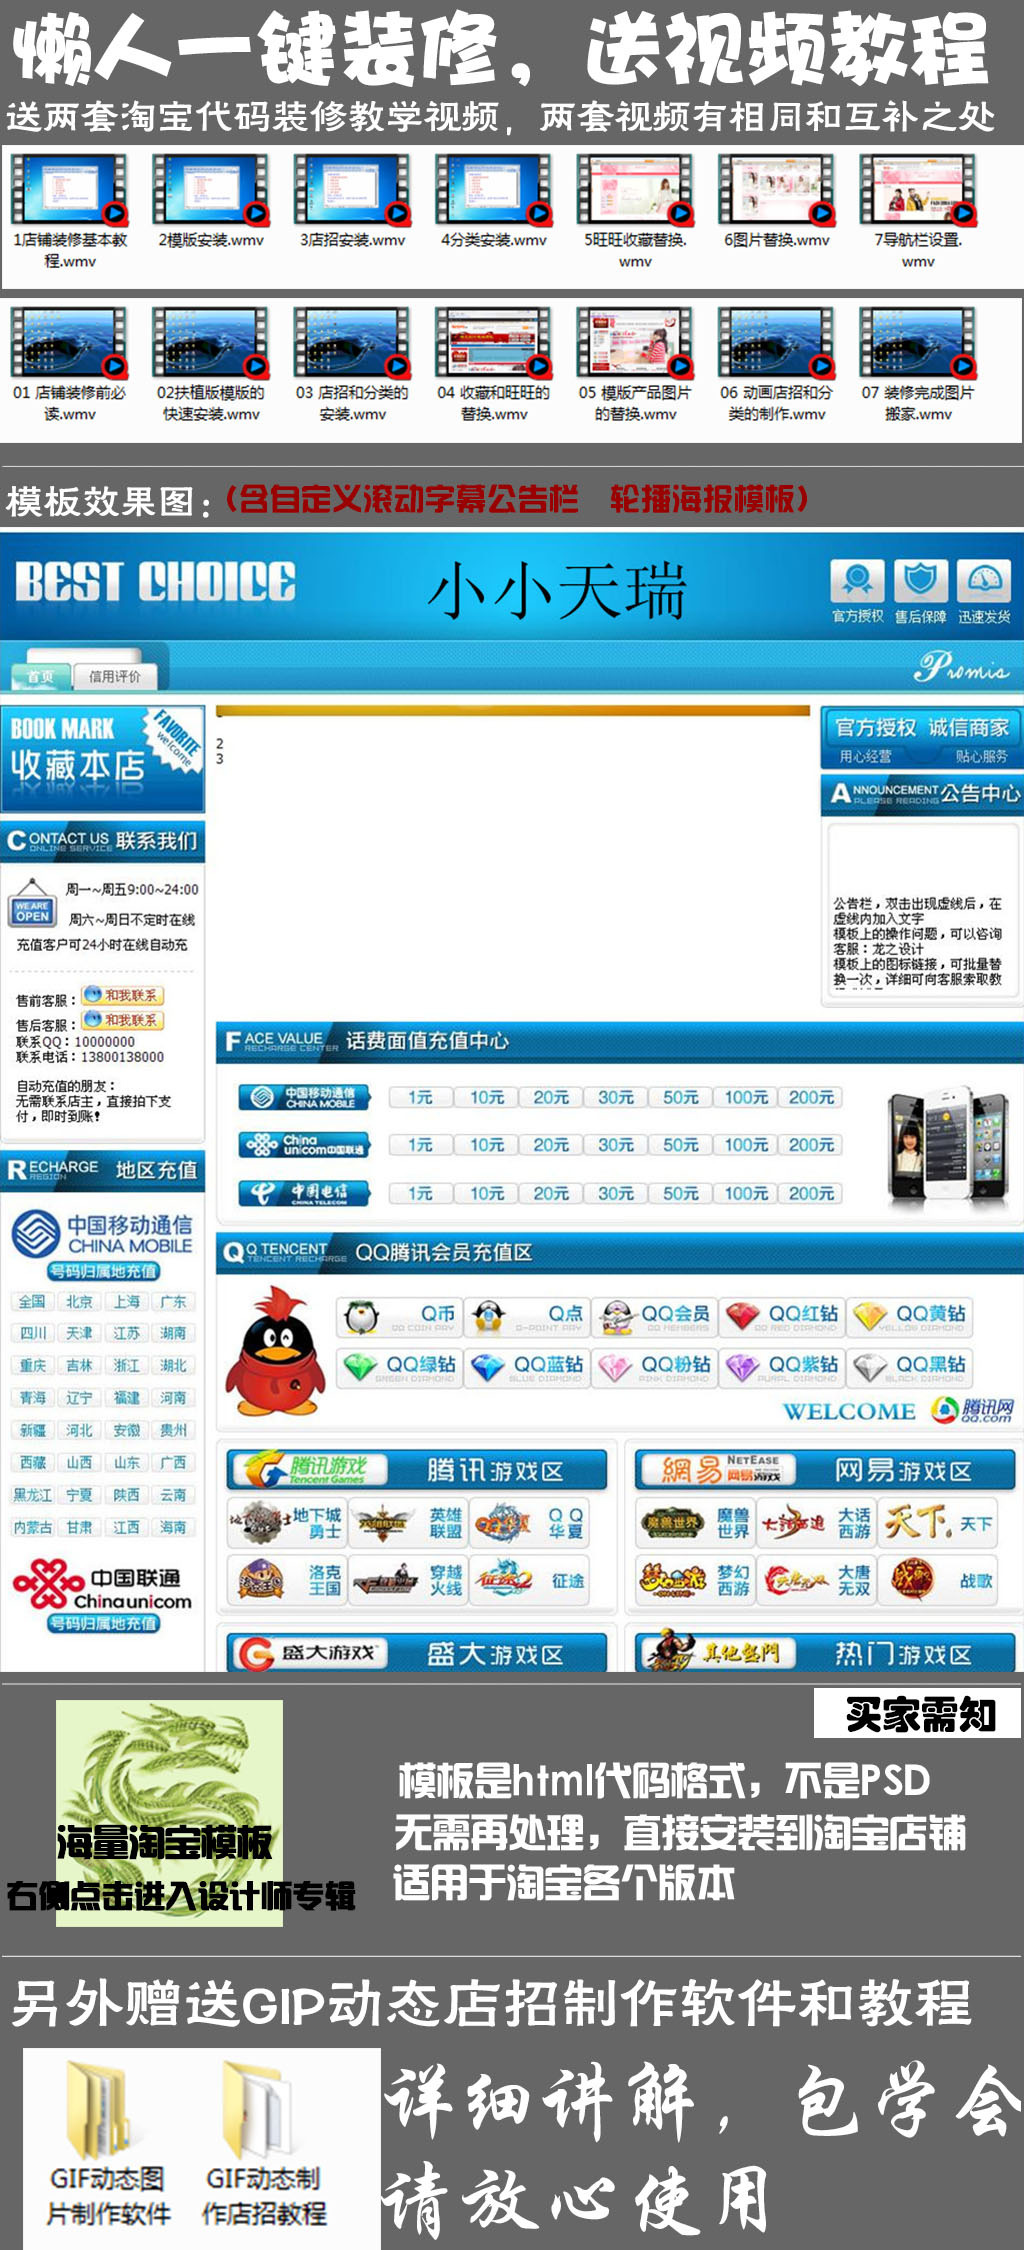 121淘宝代码模板虚拟q币手机充值